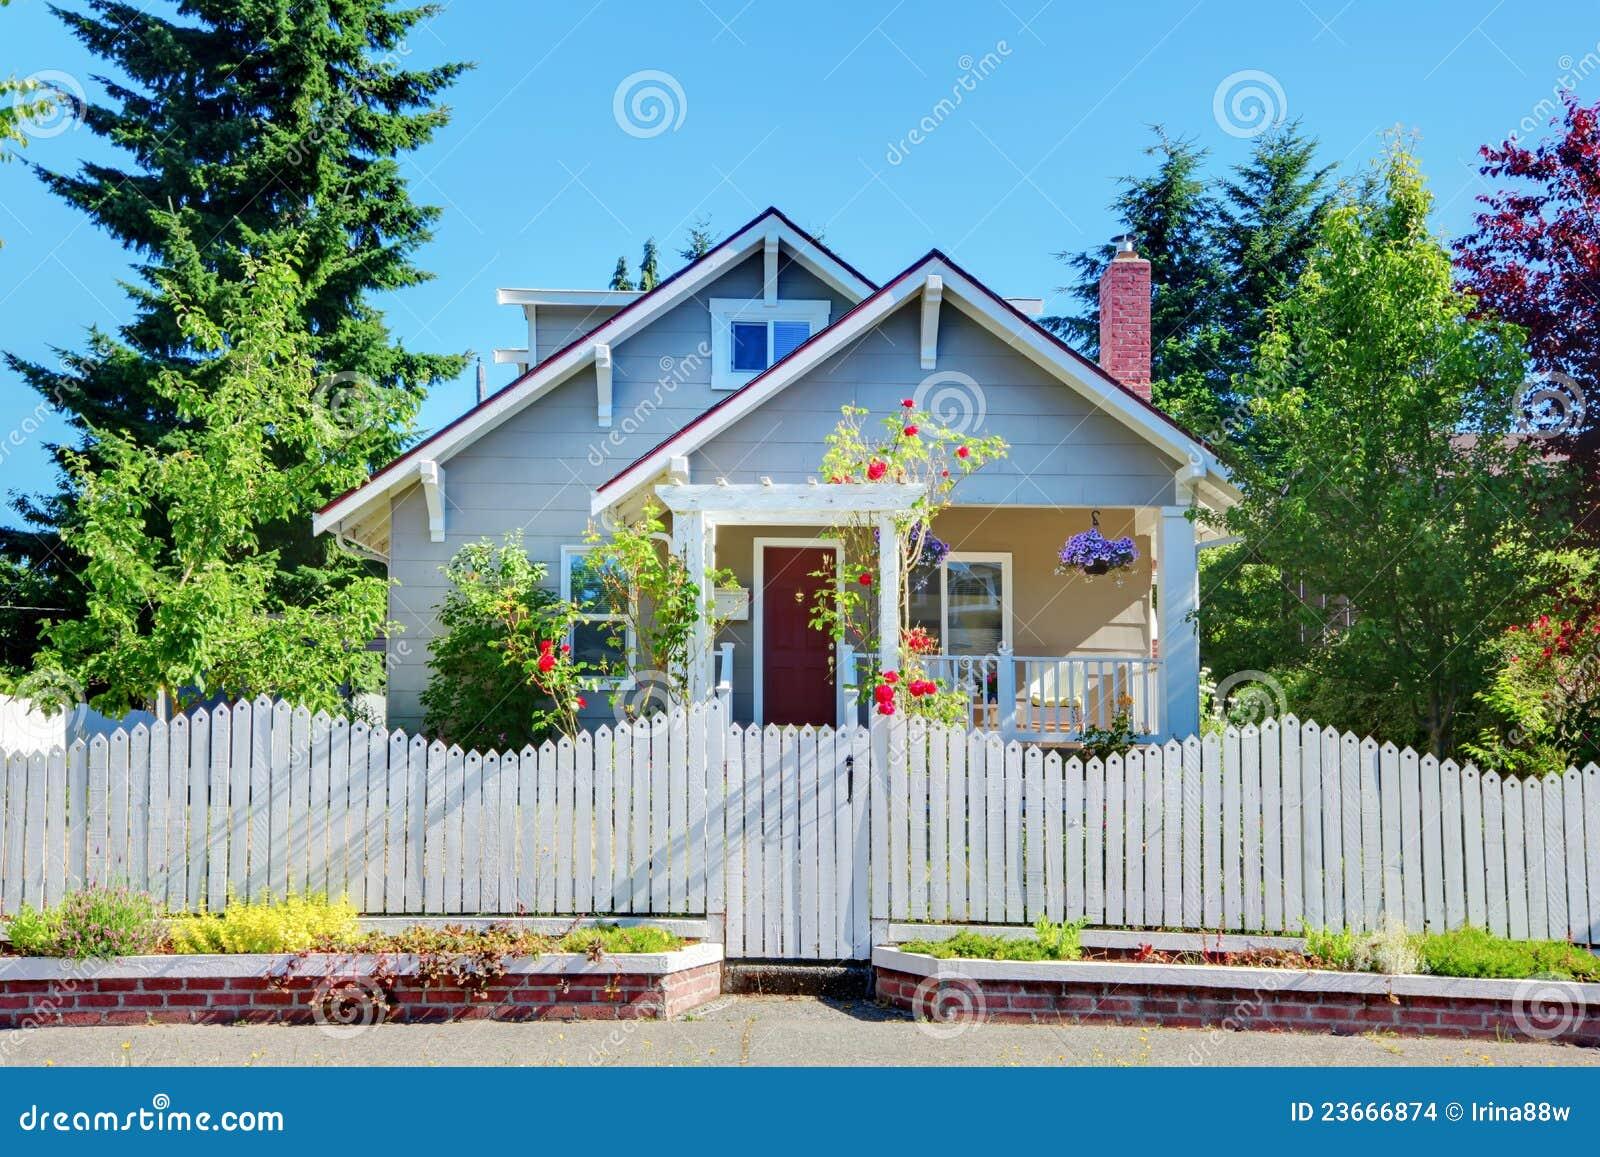 Graues Kleines Nettes Haus Mit Weissem Zaun Und Toren Stockfoto